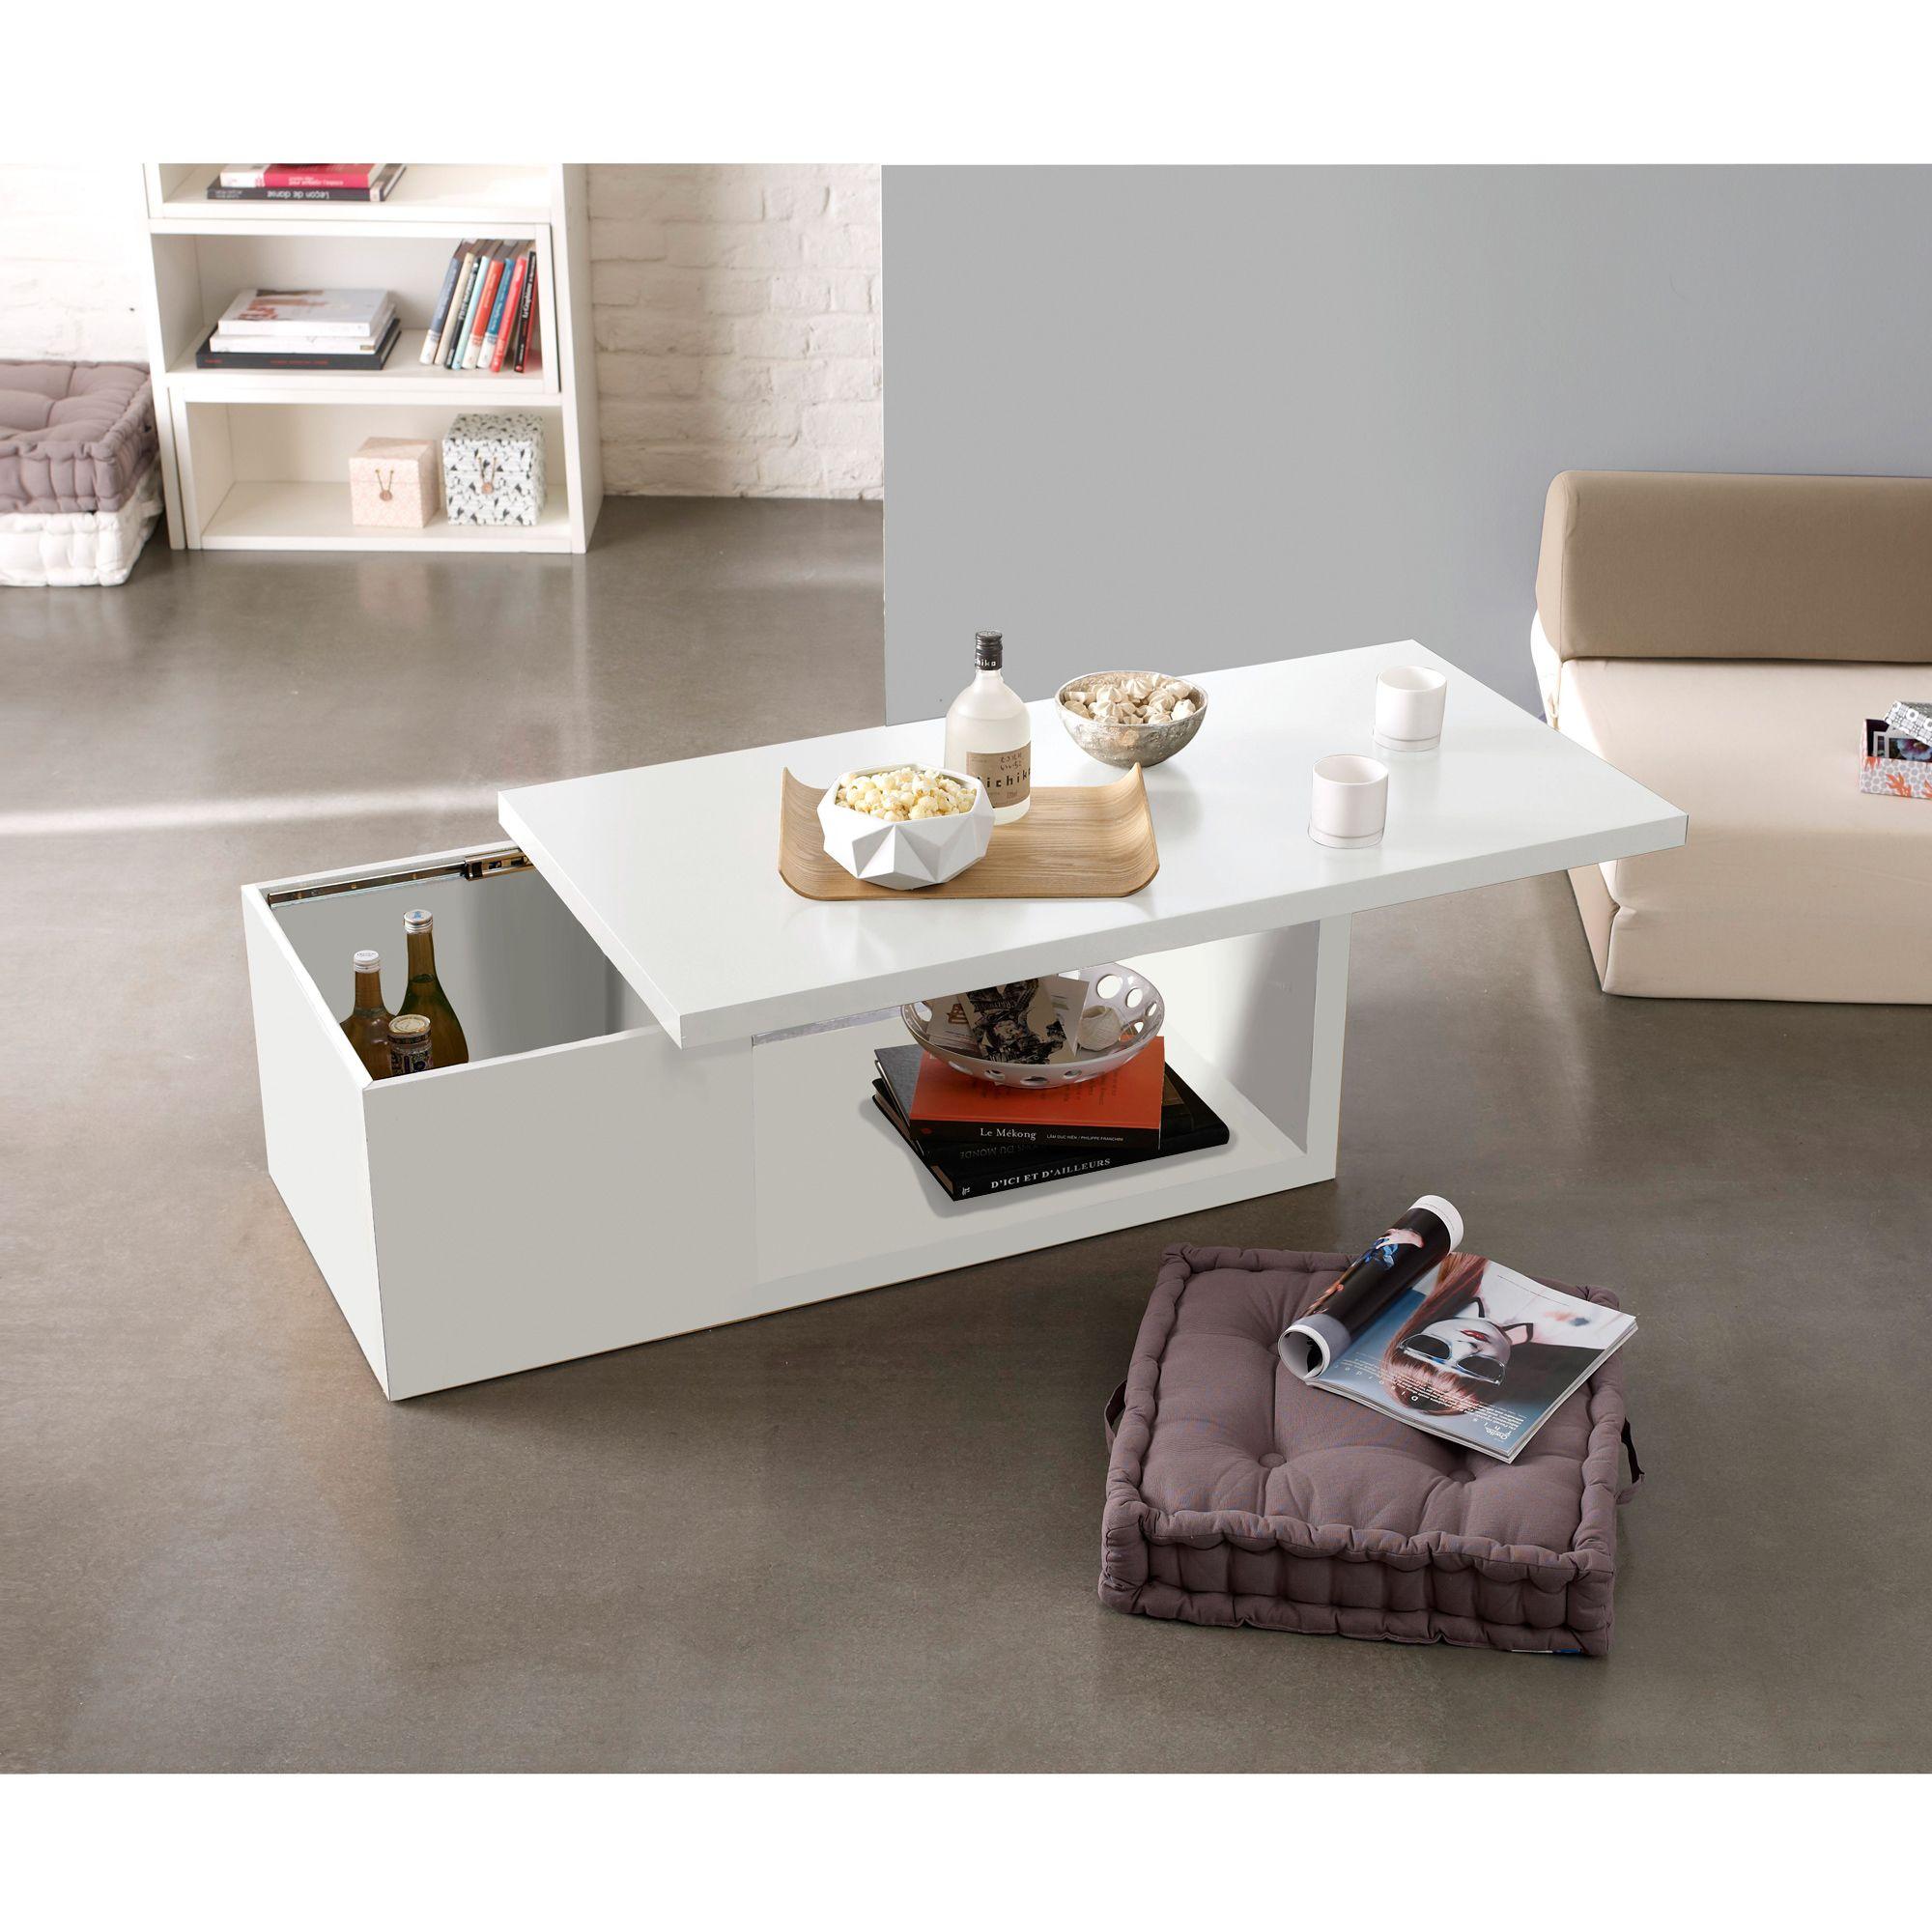 0a0d24dd11aac9e1d8d698a2b1fa5bd5 Impressionnant De Table Basse originale Concept